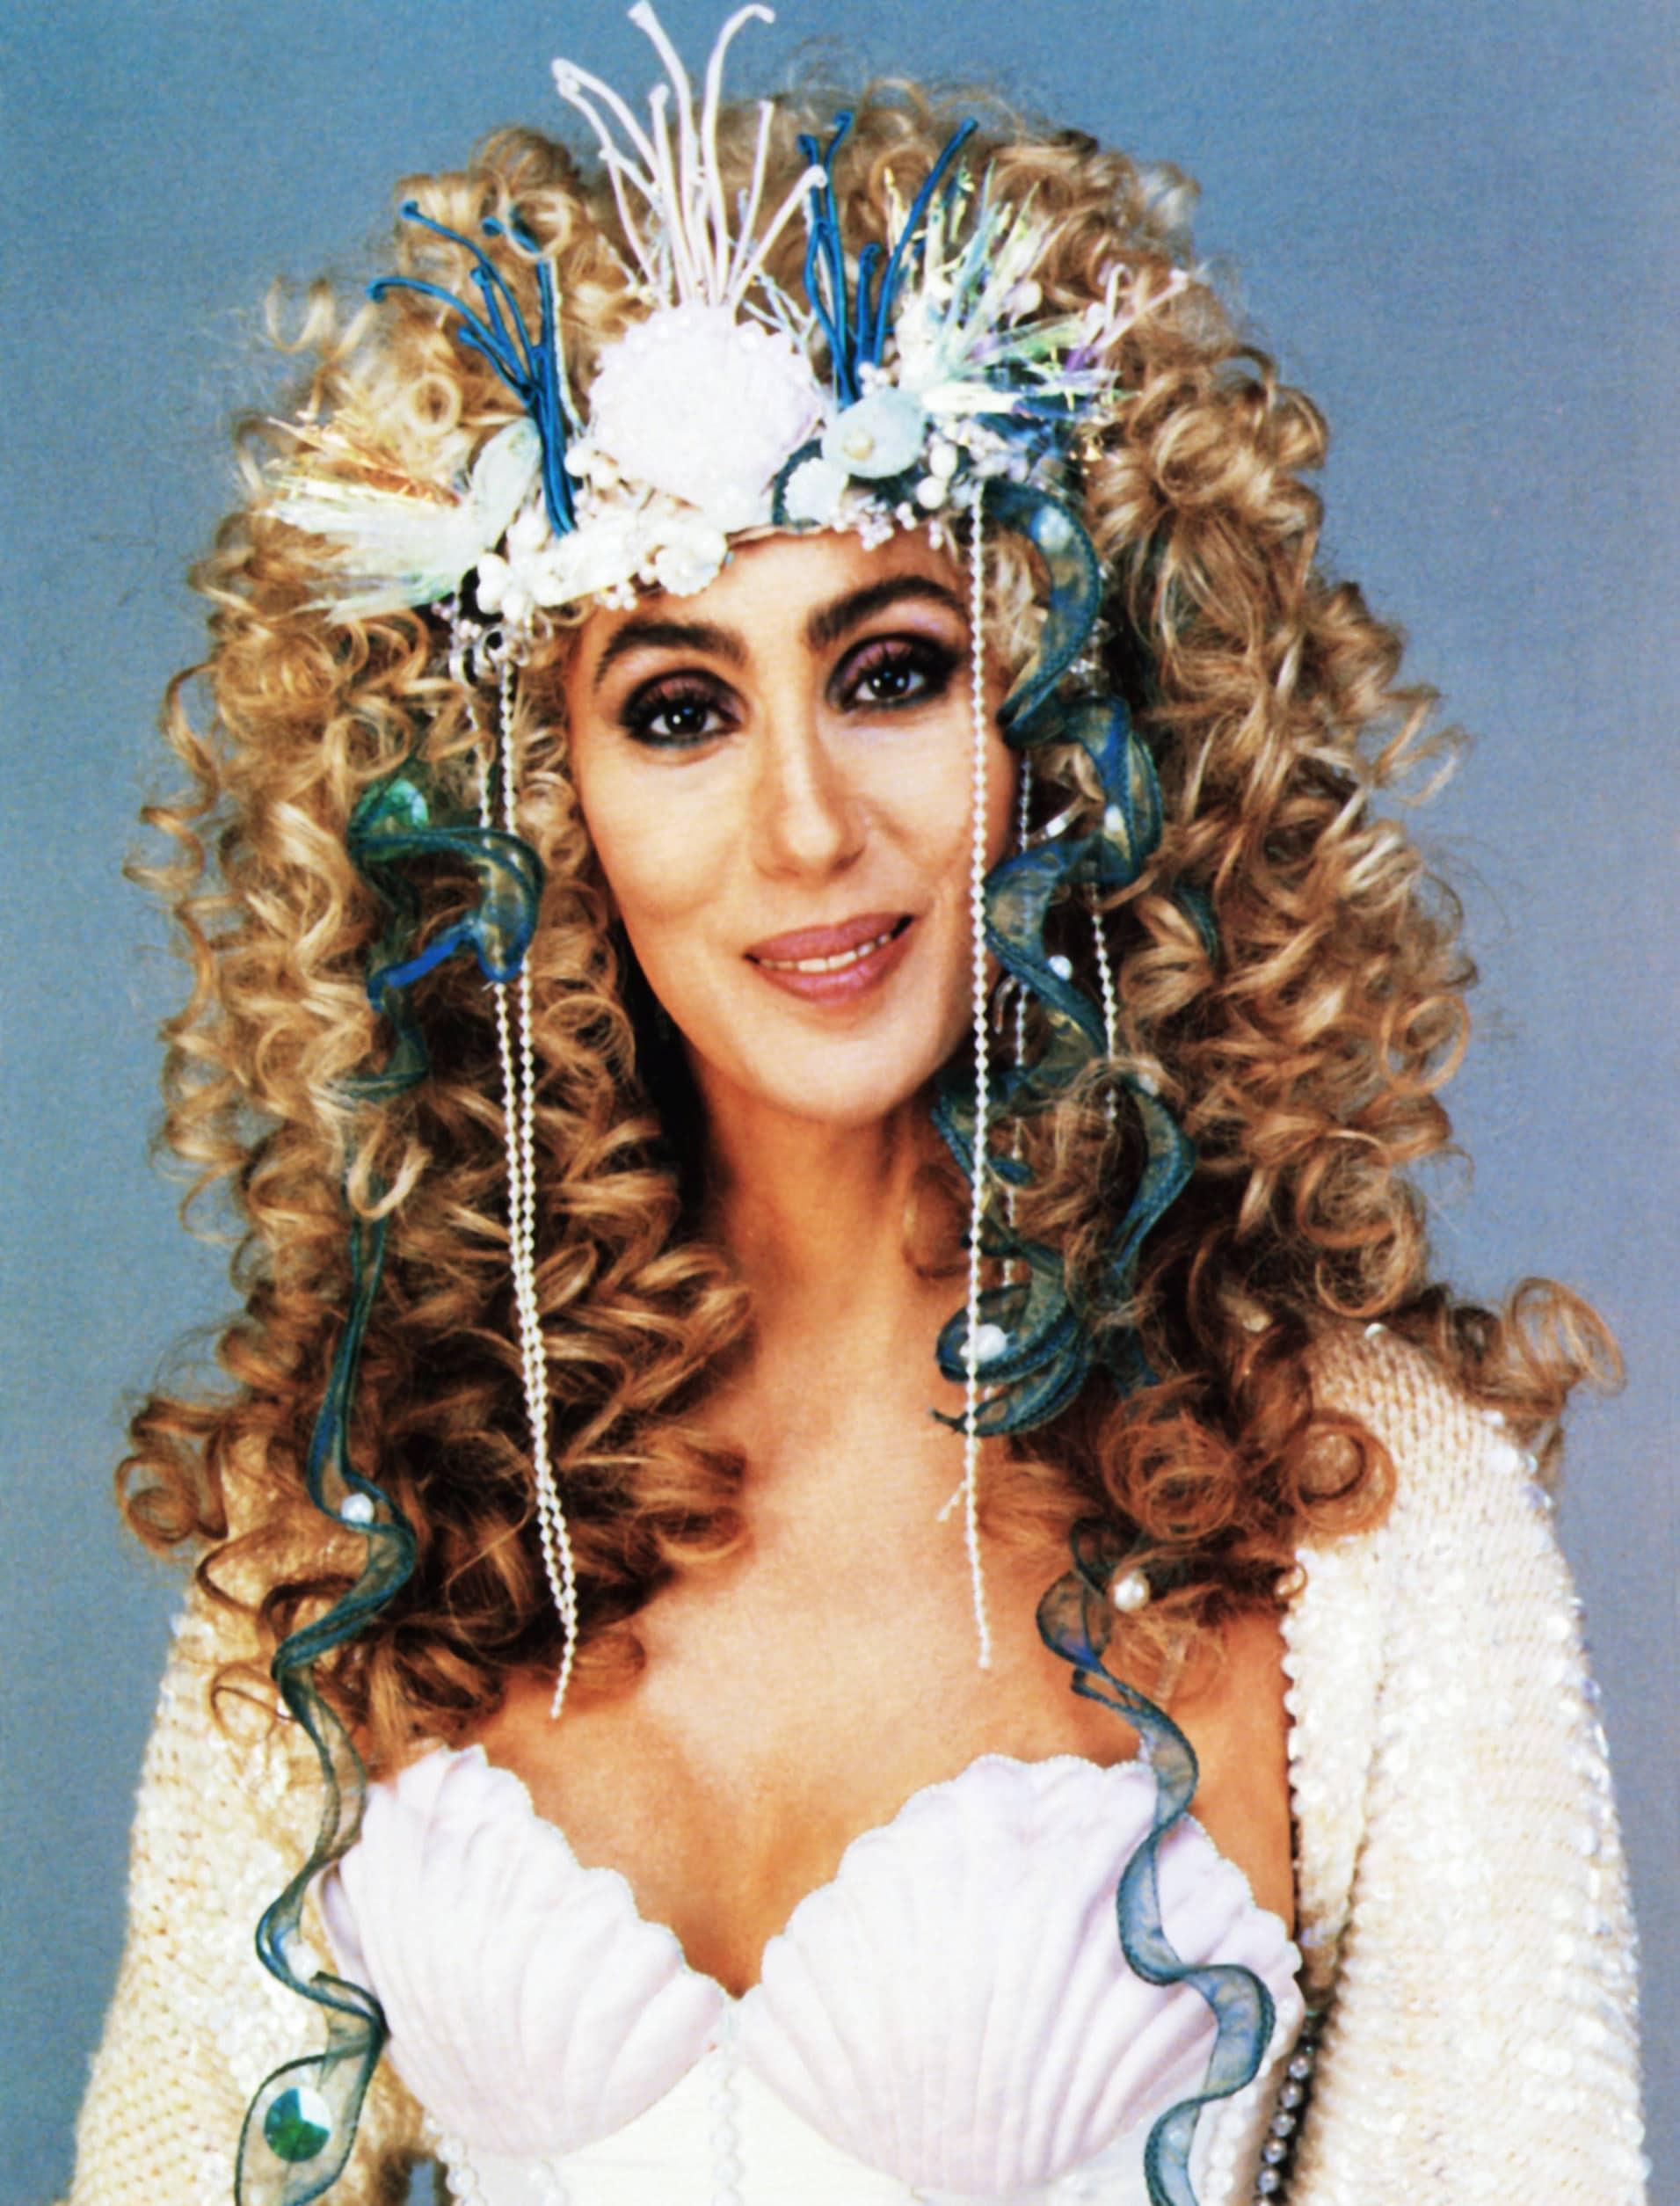 MERMAIDS, Cher, 1990